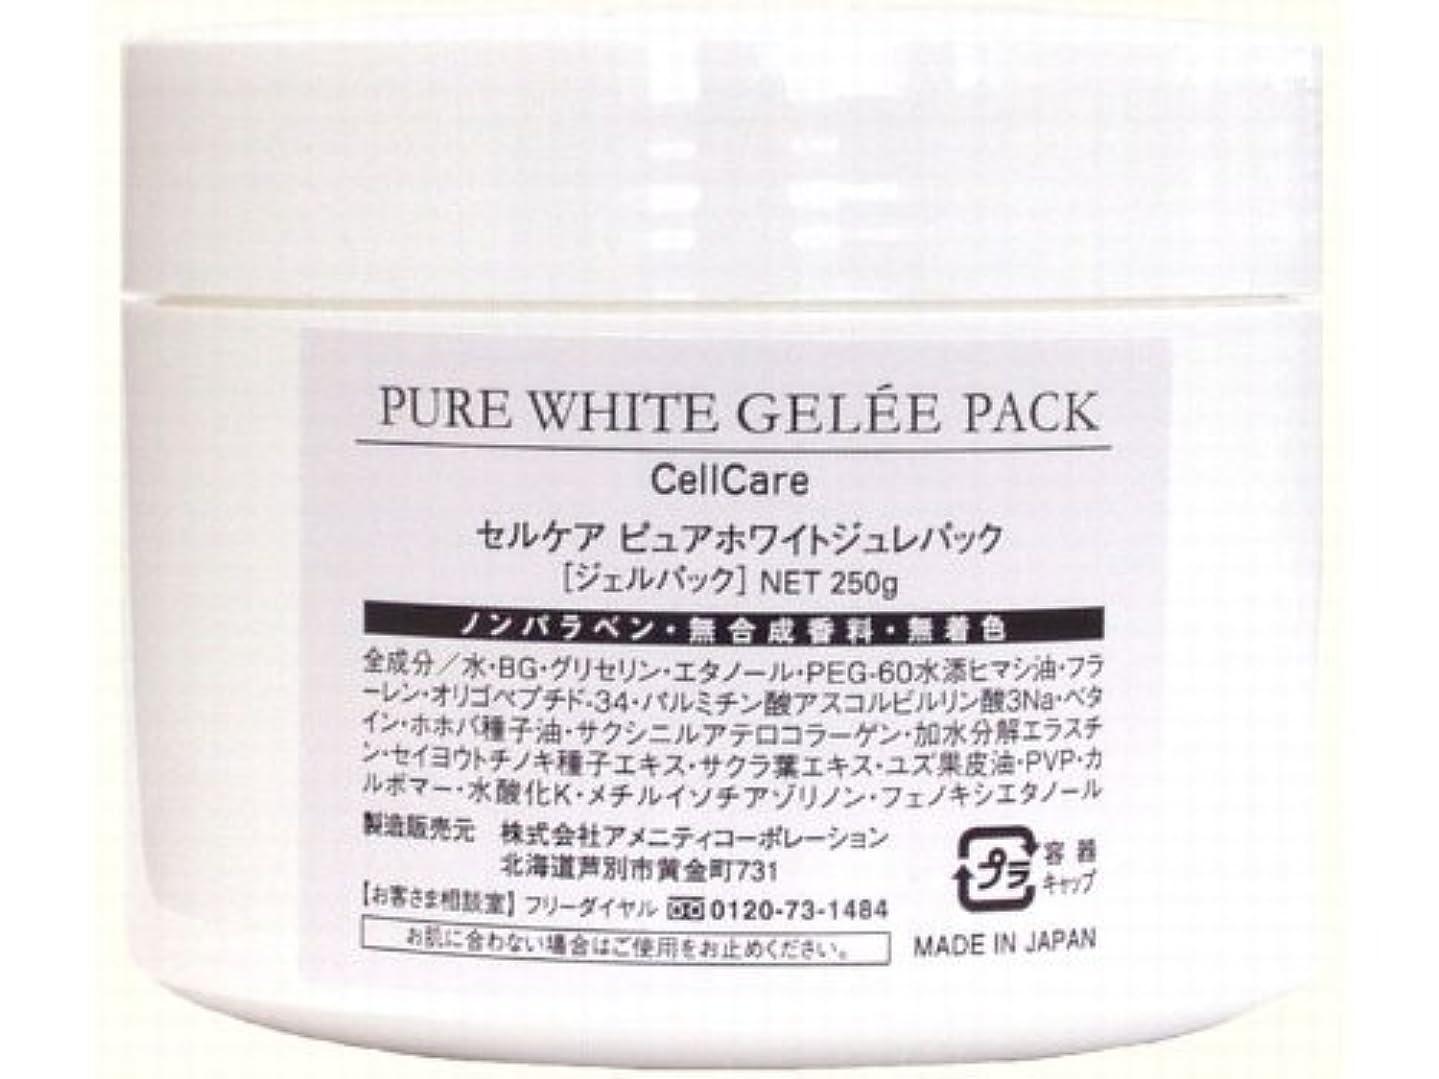 コンテンポラリー権限雑種セルケア ピュアホワイトジュレパック 250g